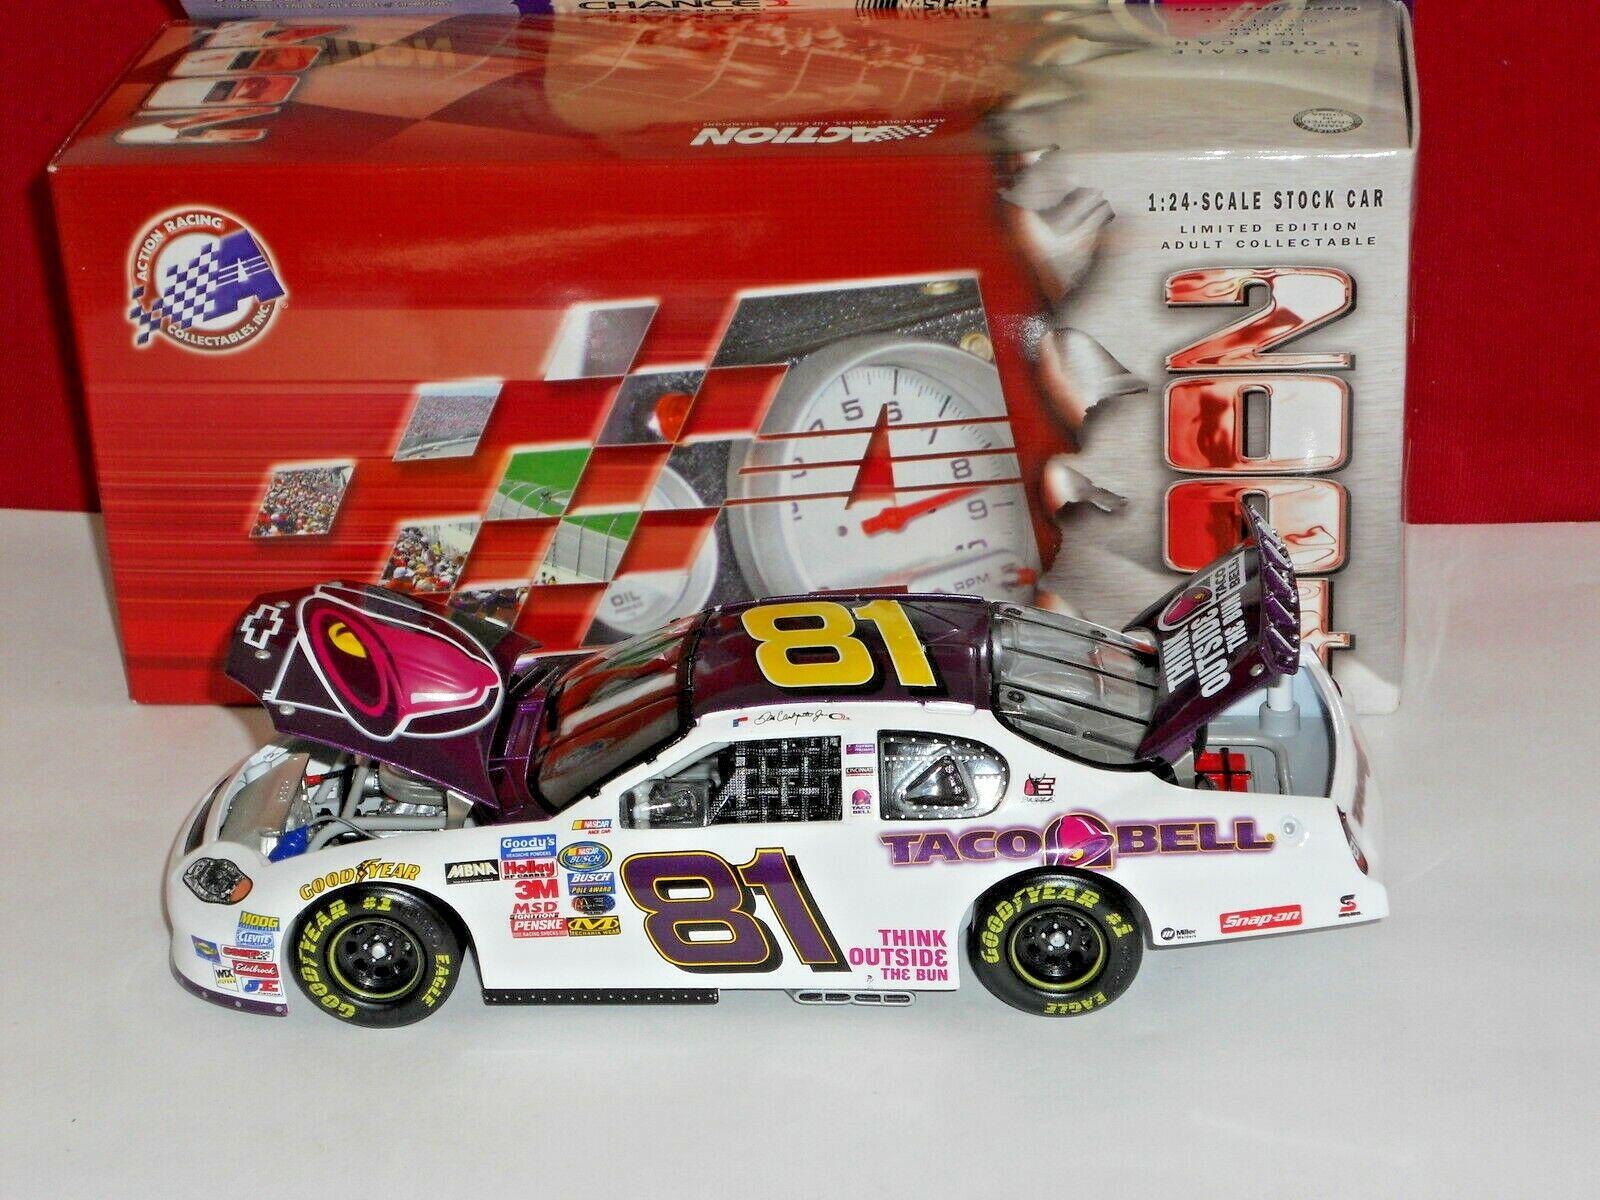 hasta un 50% de descuento Dale Dale Dale Earnhardt Jr Acción 2004   81 púrpura y blancoo Taco Bell Monte Cochelo  Nuevos productos de artículos novedosos.